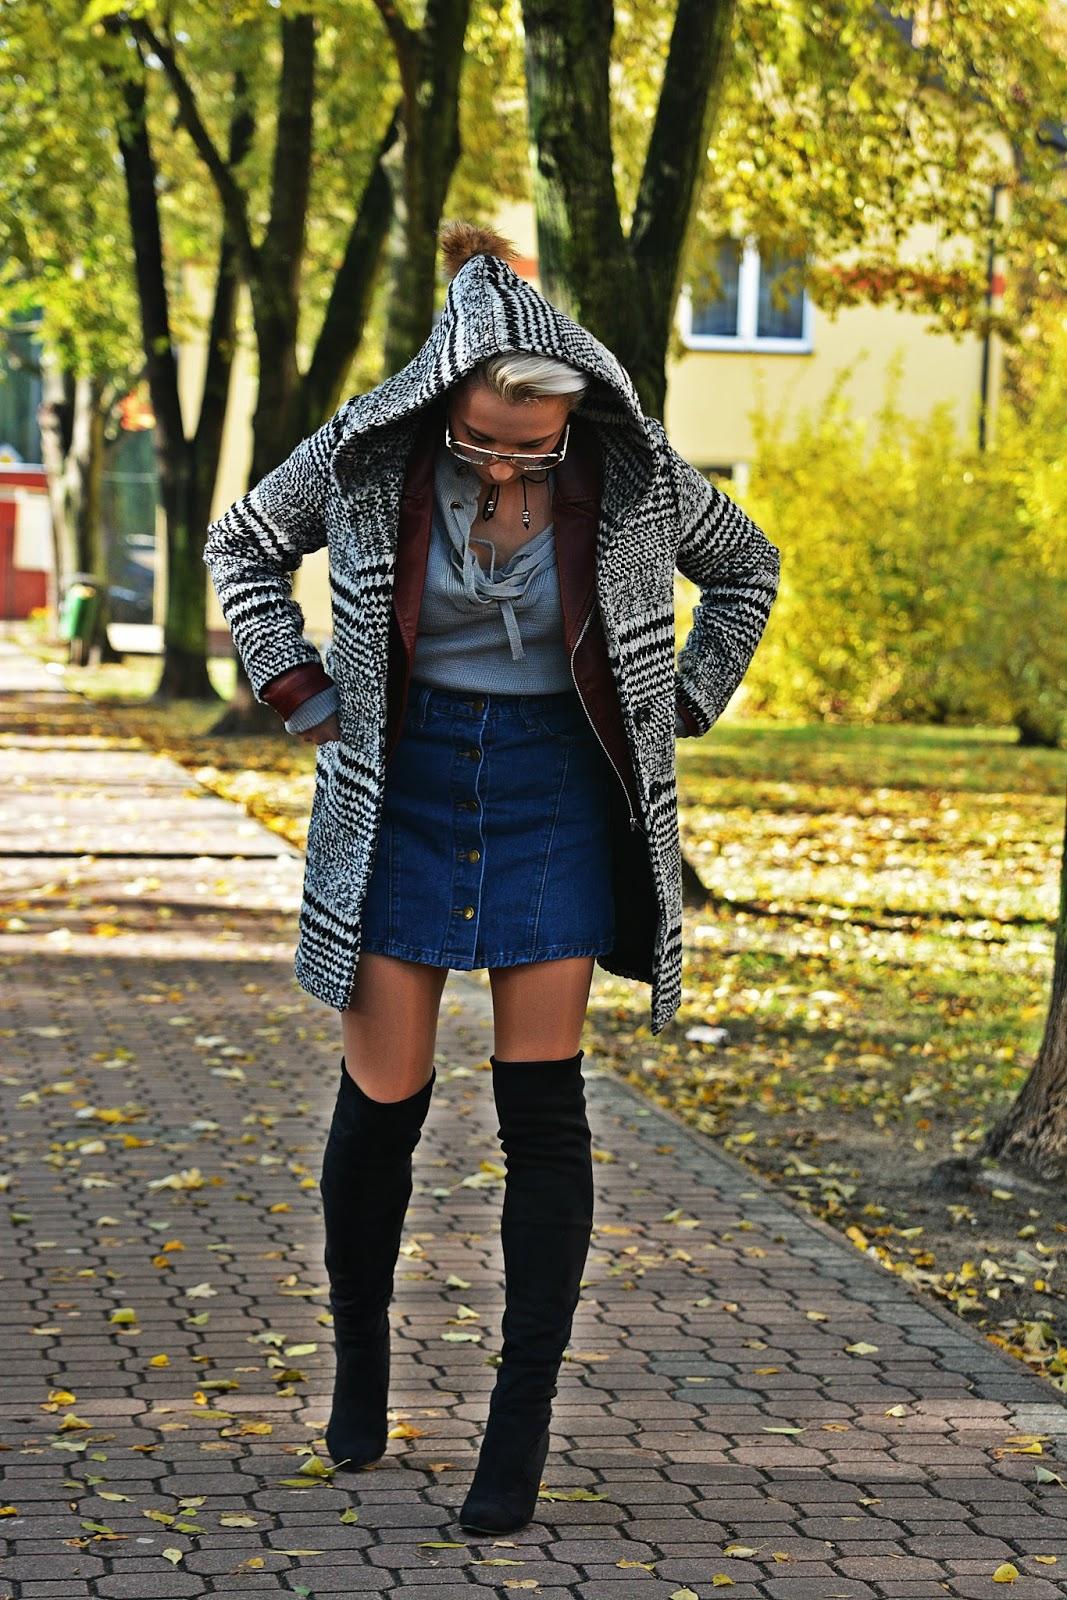 szary_plaszcz_spodnica_jeans_guziki_bordowa_ramoneska_karyn234